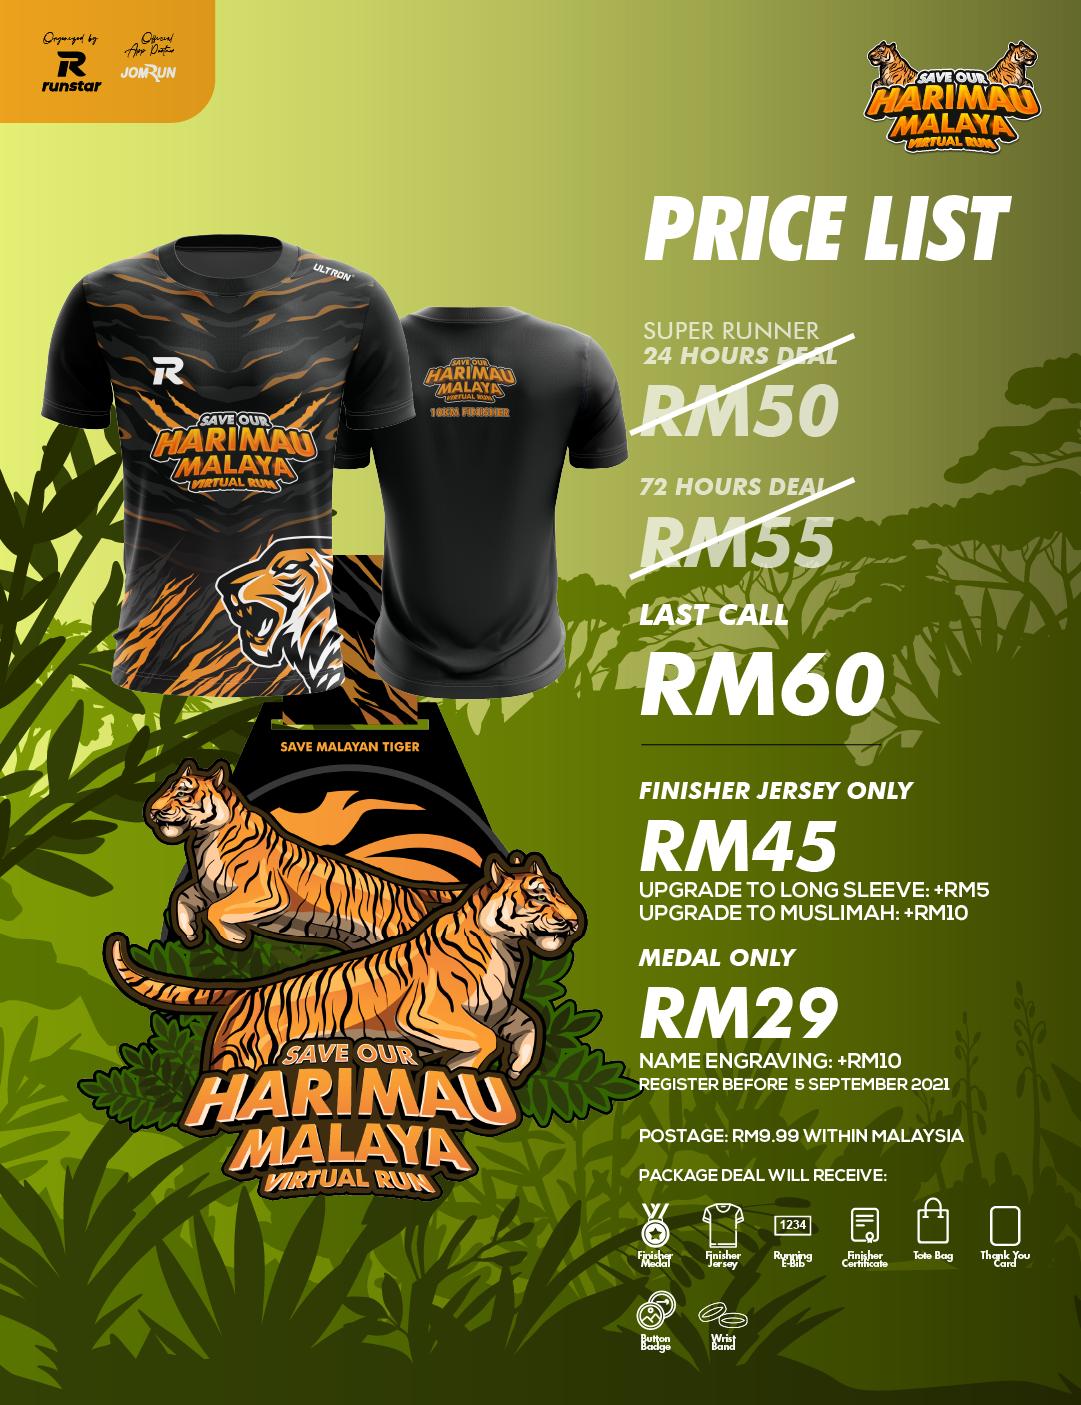 Save Our Harimau Malaya 10KM Virtual Run